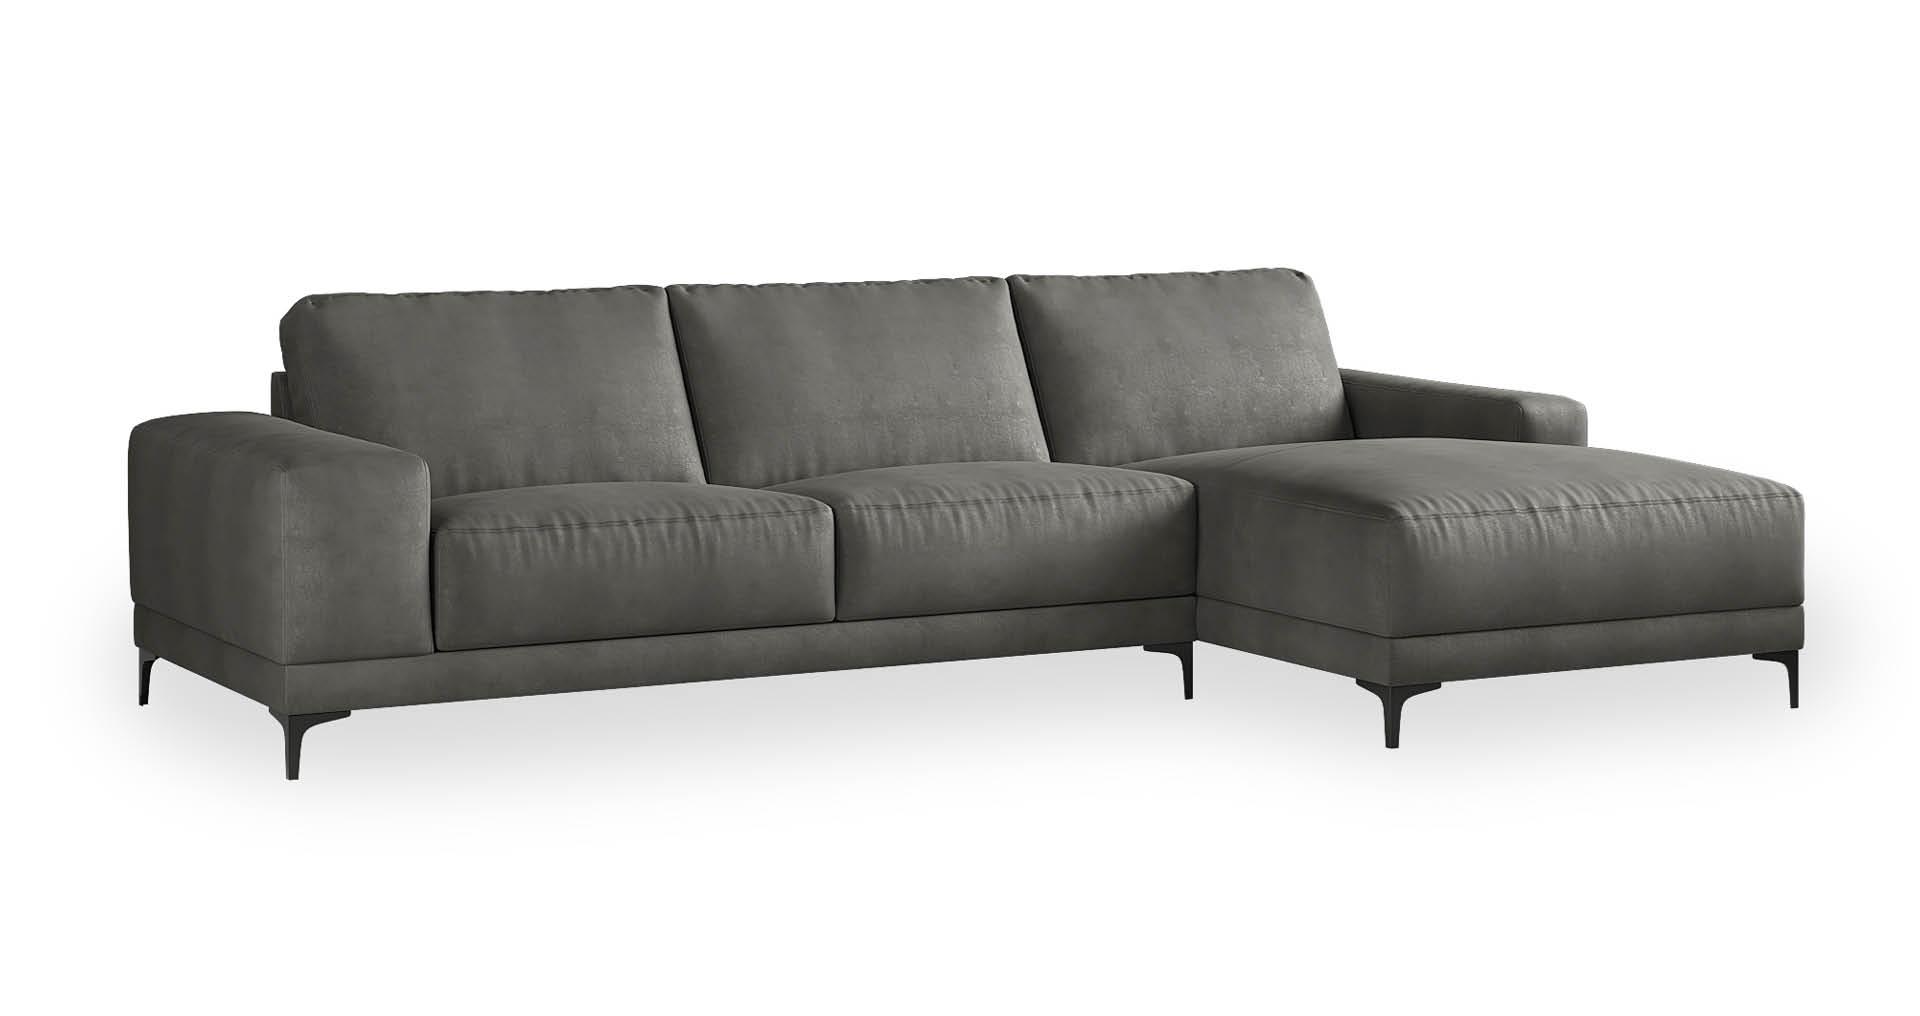 """ספה פינתית ואלרי צד ימין 310 ס""""מ בגוון אפור קונקריט"""